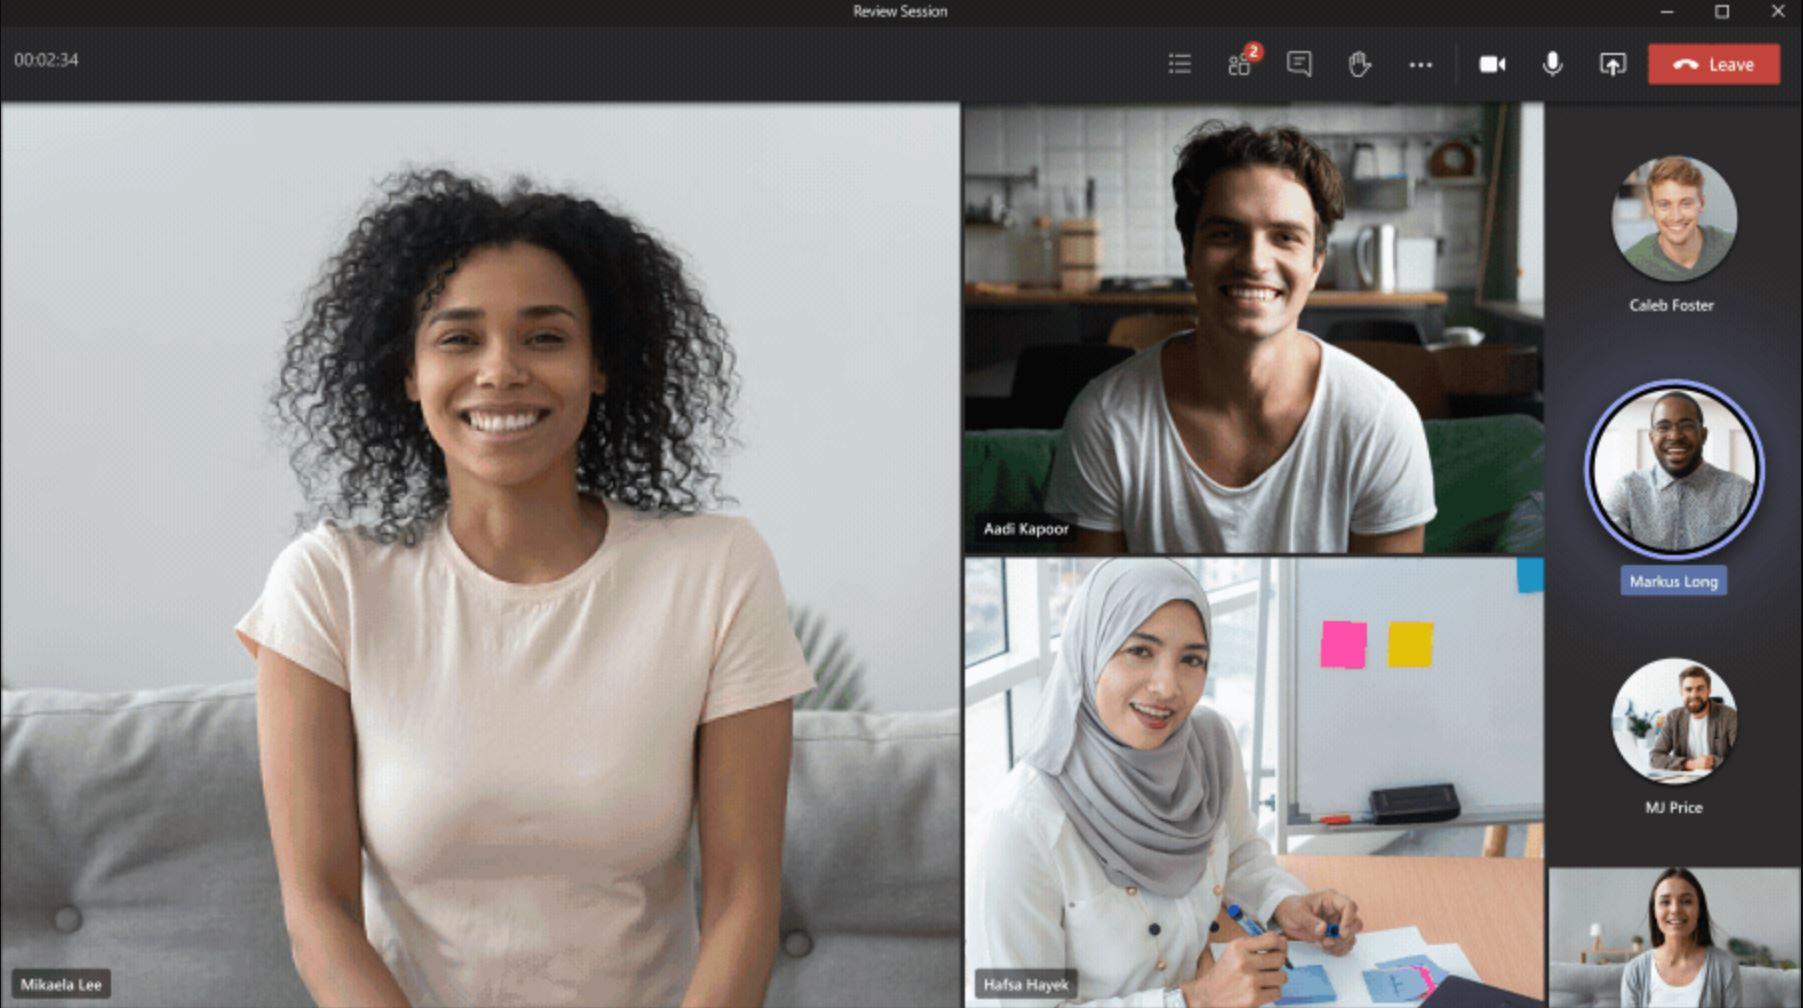 Microsoft Teams Dynamic View